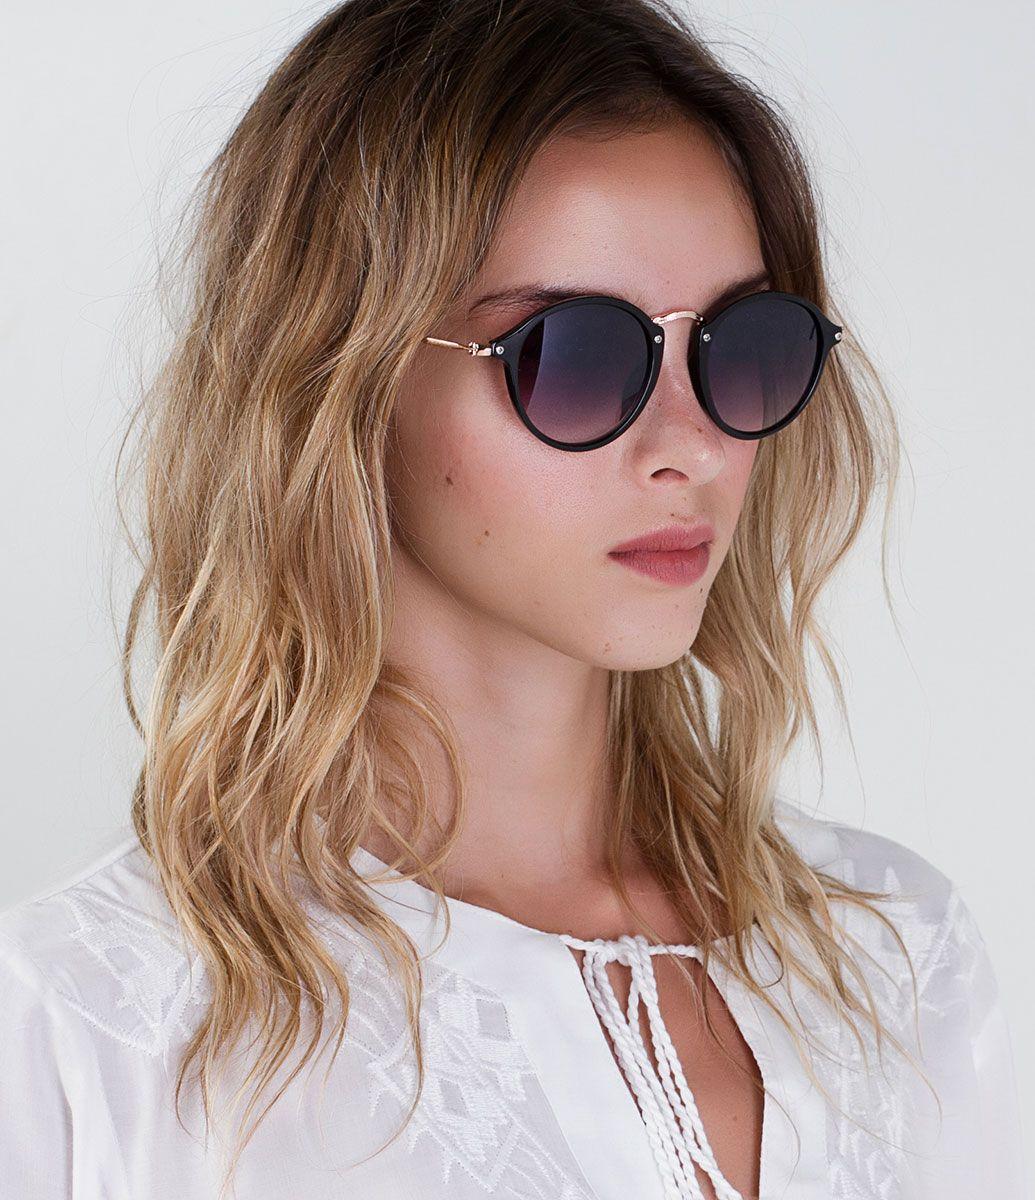 8624245ce9fff Óculos de sol Modelo redondo Hastes em acetato Lentes fumê degradê em  acrílico Proteção contra raios